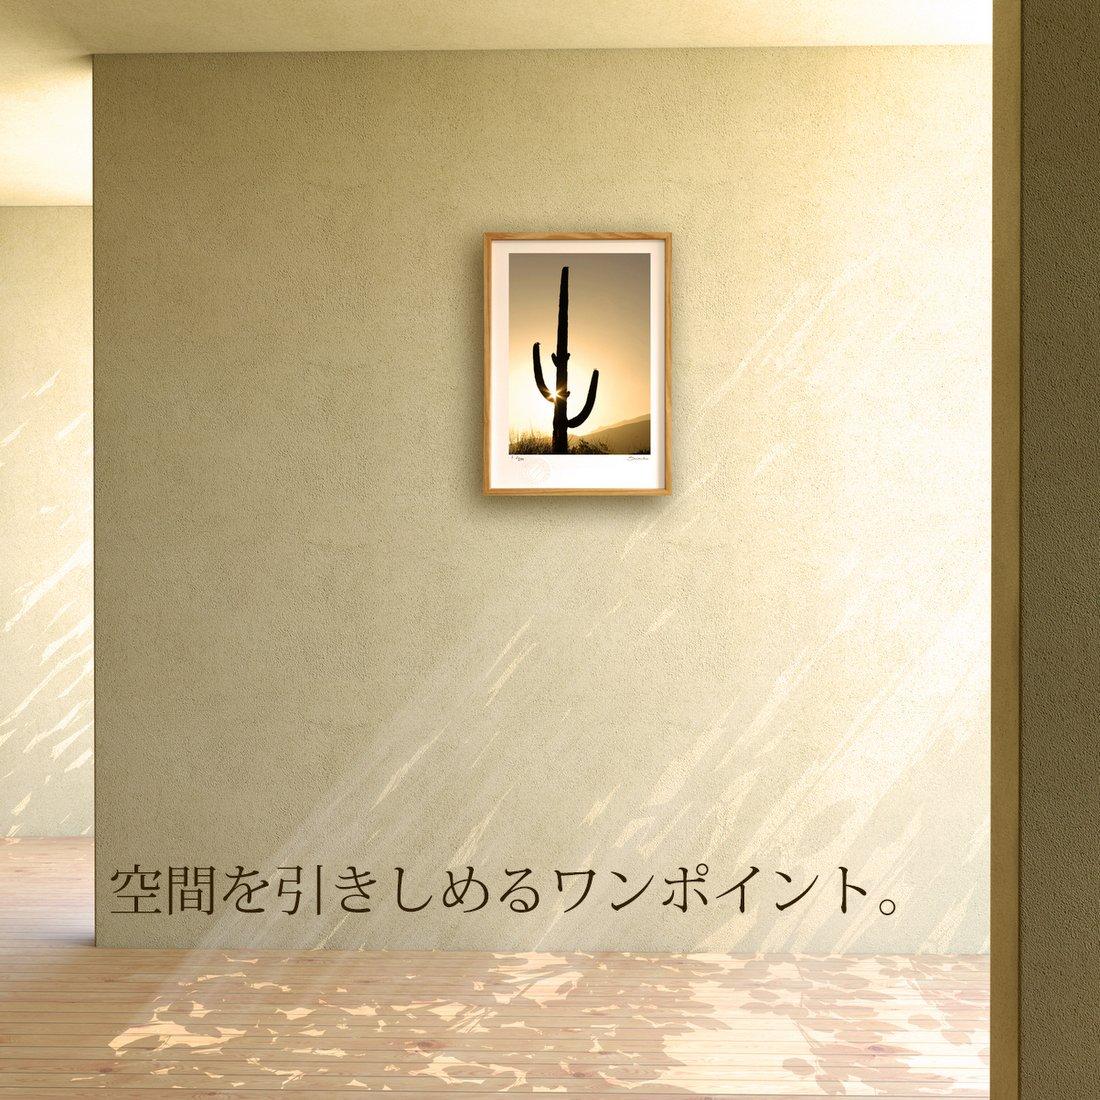 【版画 絵画】朝靄のカナダヅル(スミコ スコット)/インテリア 壁掛け 額入り アート アートパネル アートフレーム